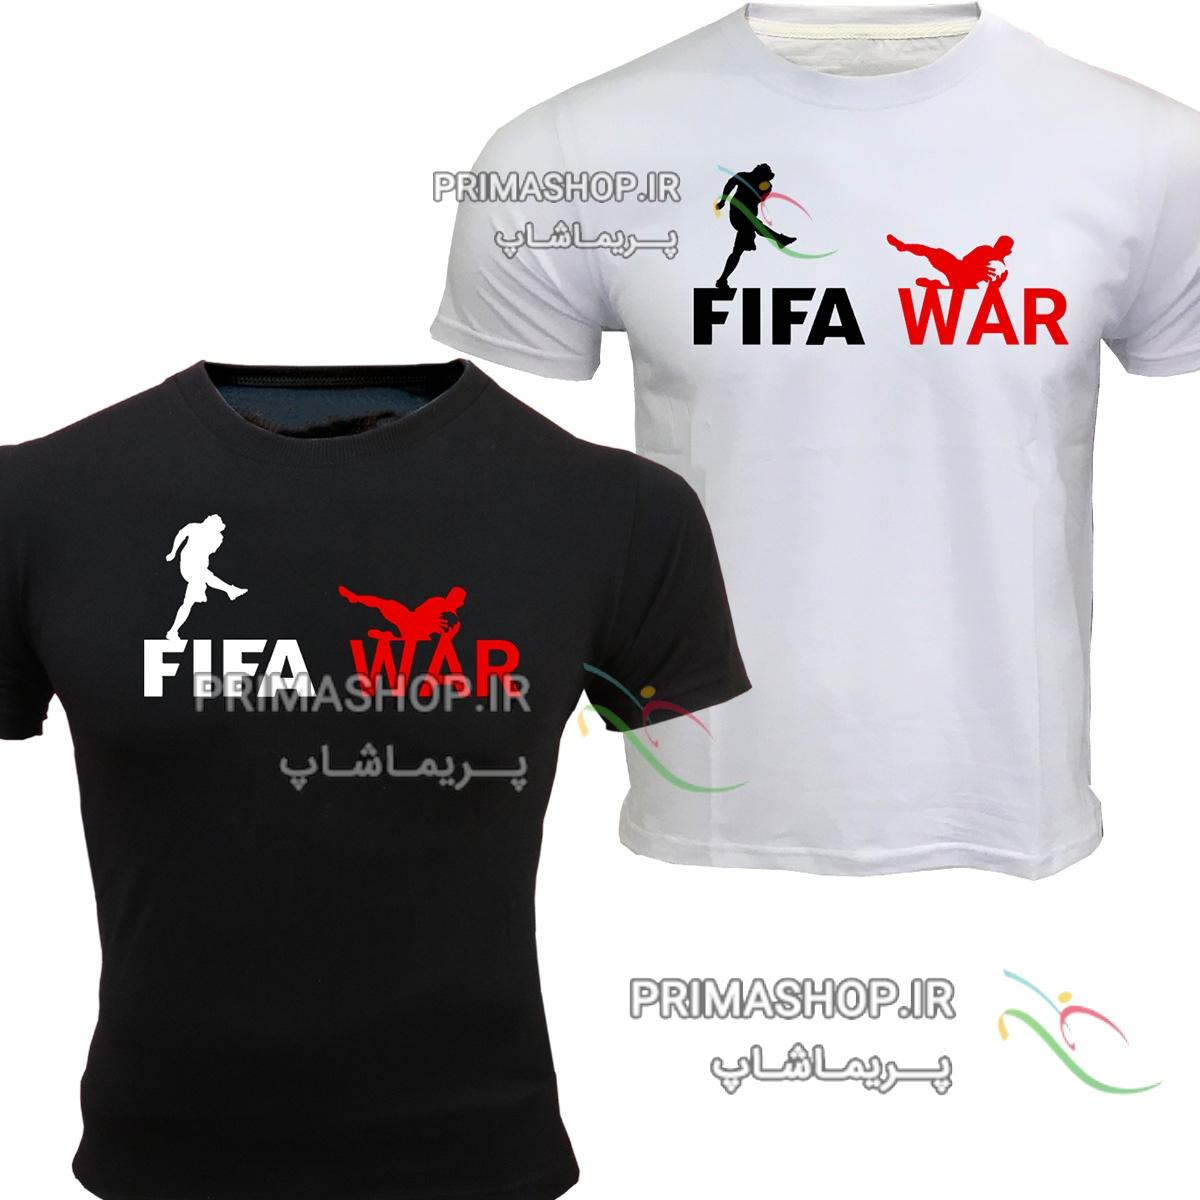 لباس اسپرت طرح فوتبالی فیفا FIFA